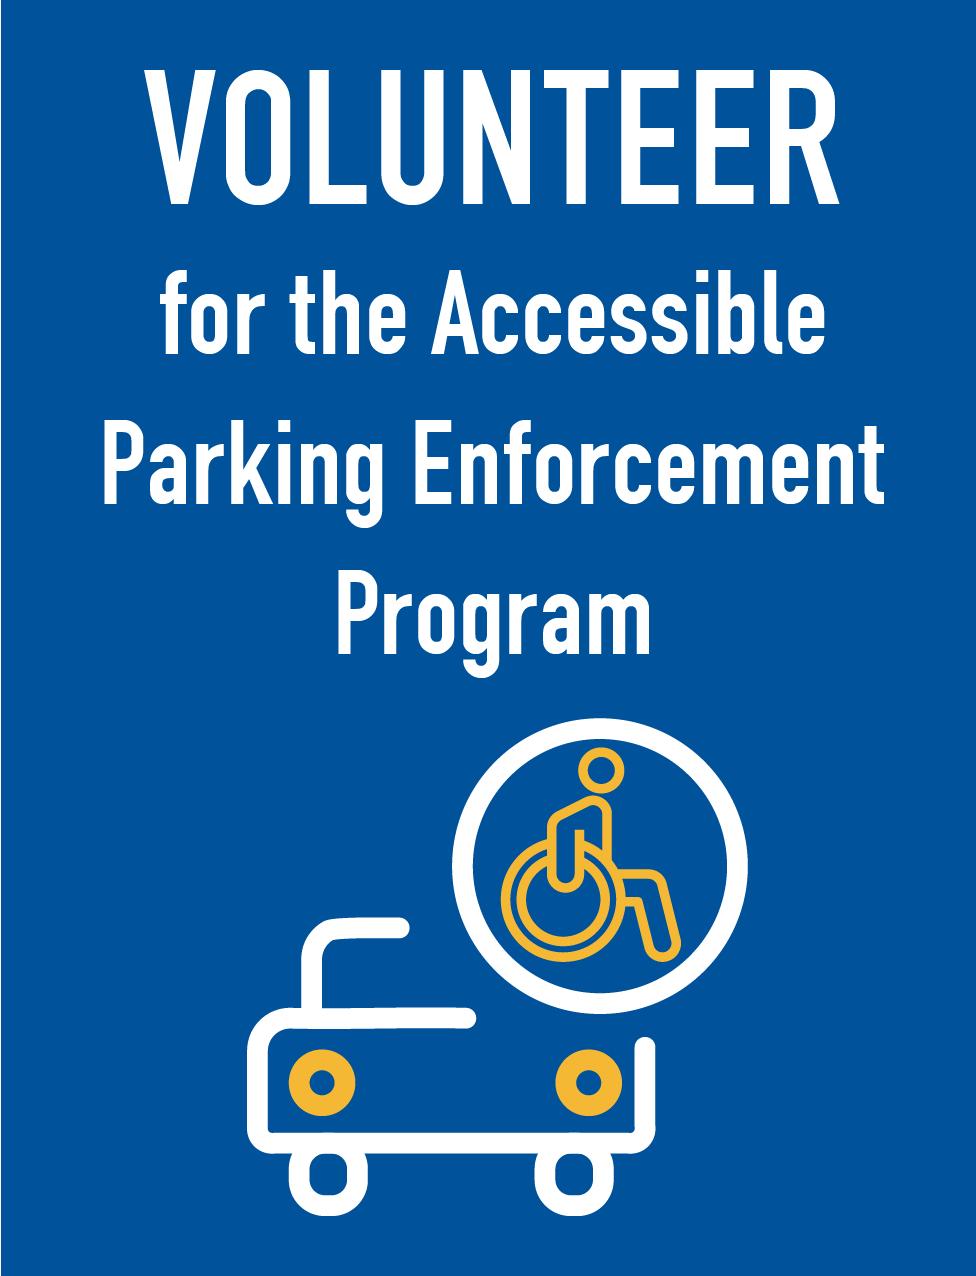 Volunteer Accessible Parking Enforcement Program Button